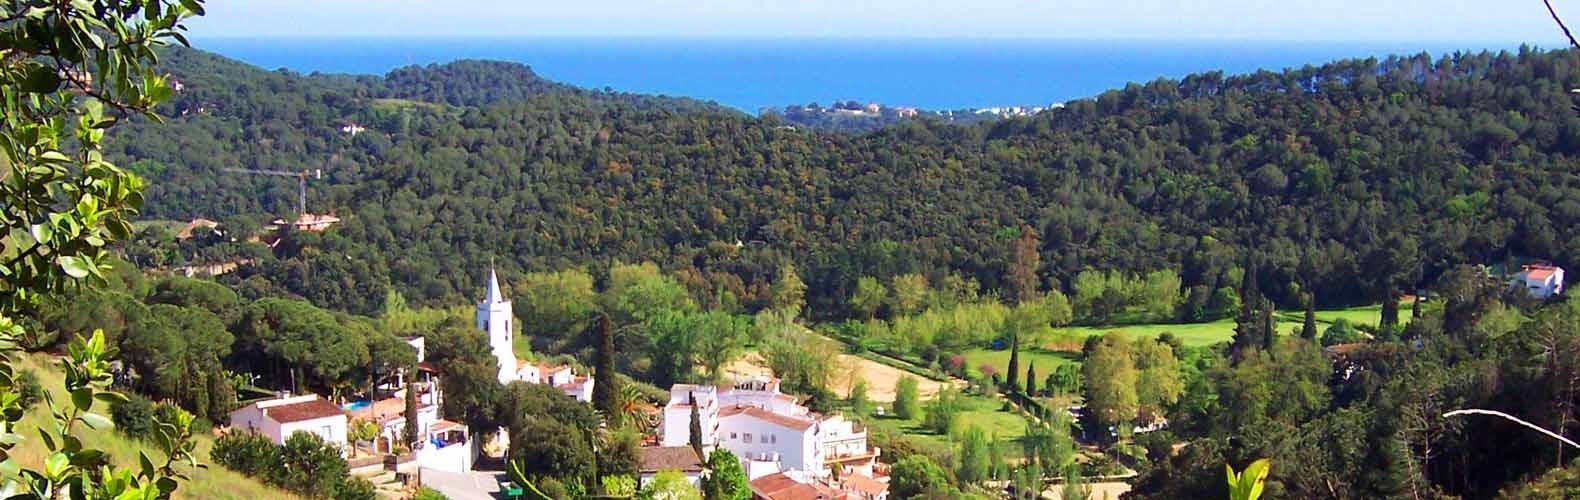 Casas en venta en Sant Cebrià de Vallalta en el Maresme